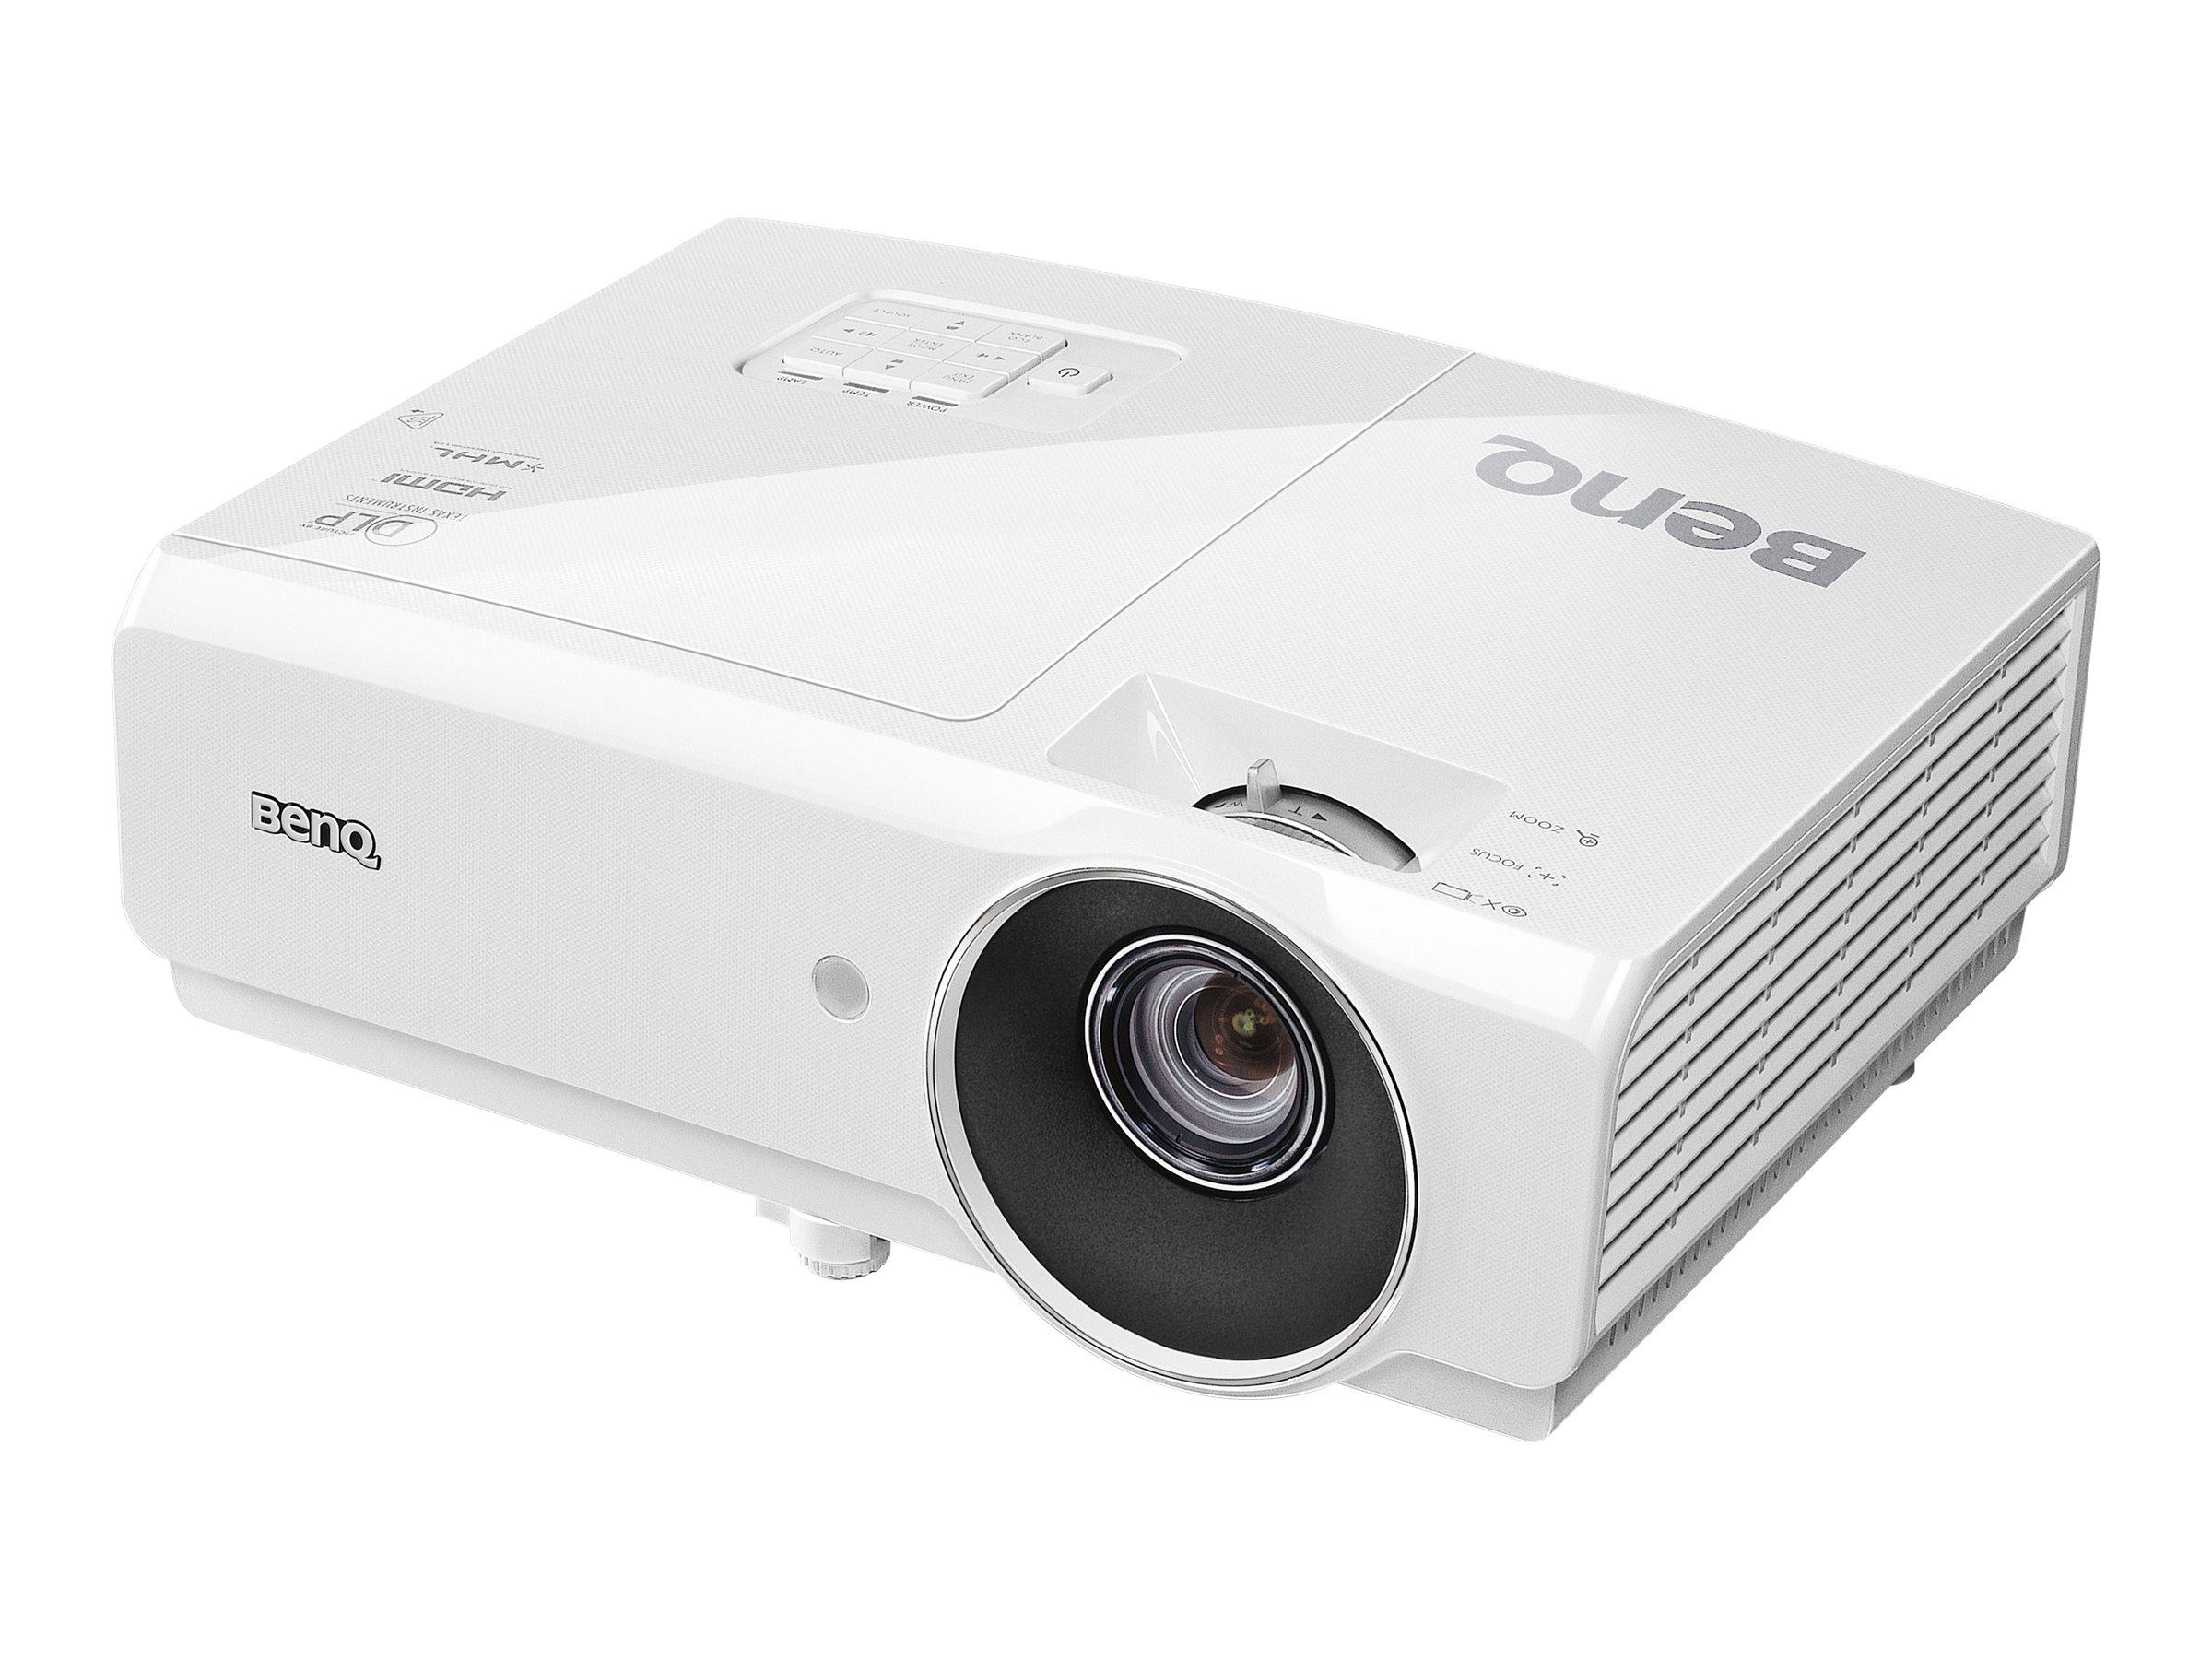 BenQ MH750 - DLP-Projektor - 3D - 4500 ANSI-Lumen - Full HD (1920 x 1080) - 16:9